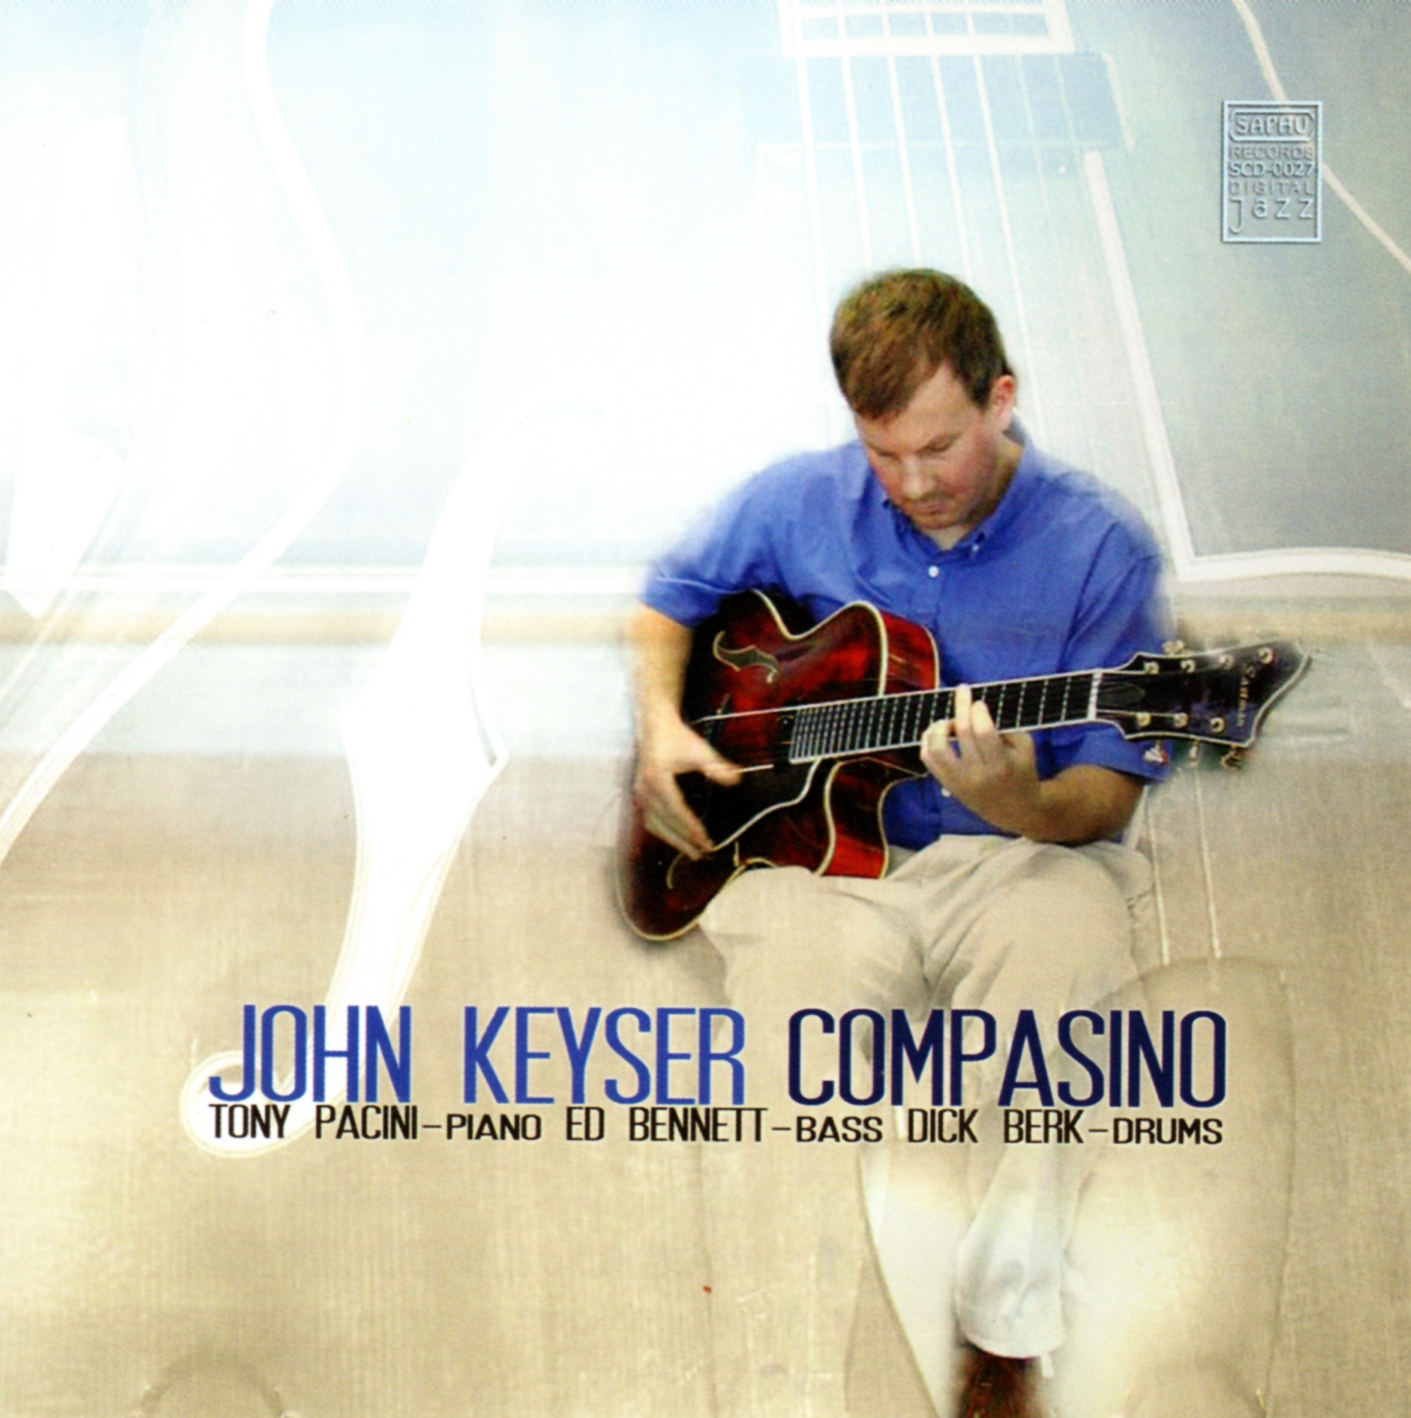 John Keyser Compasino